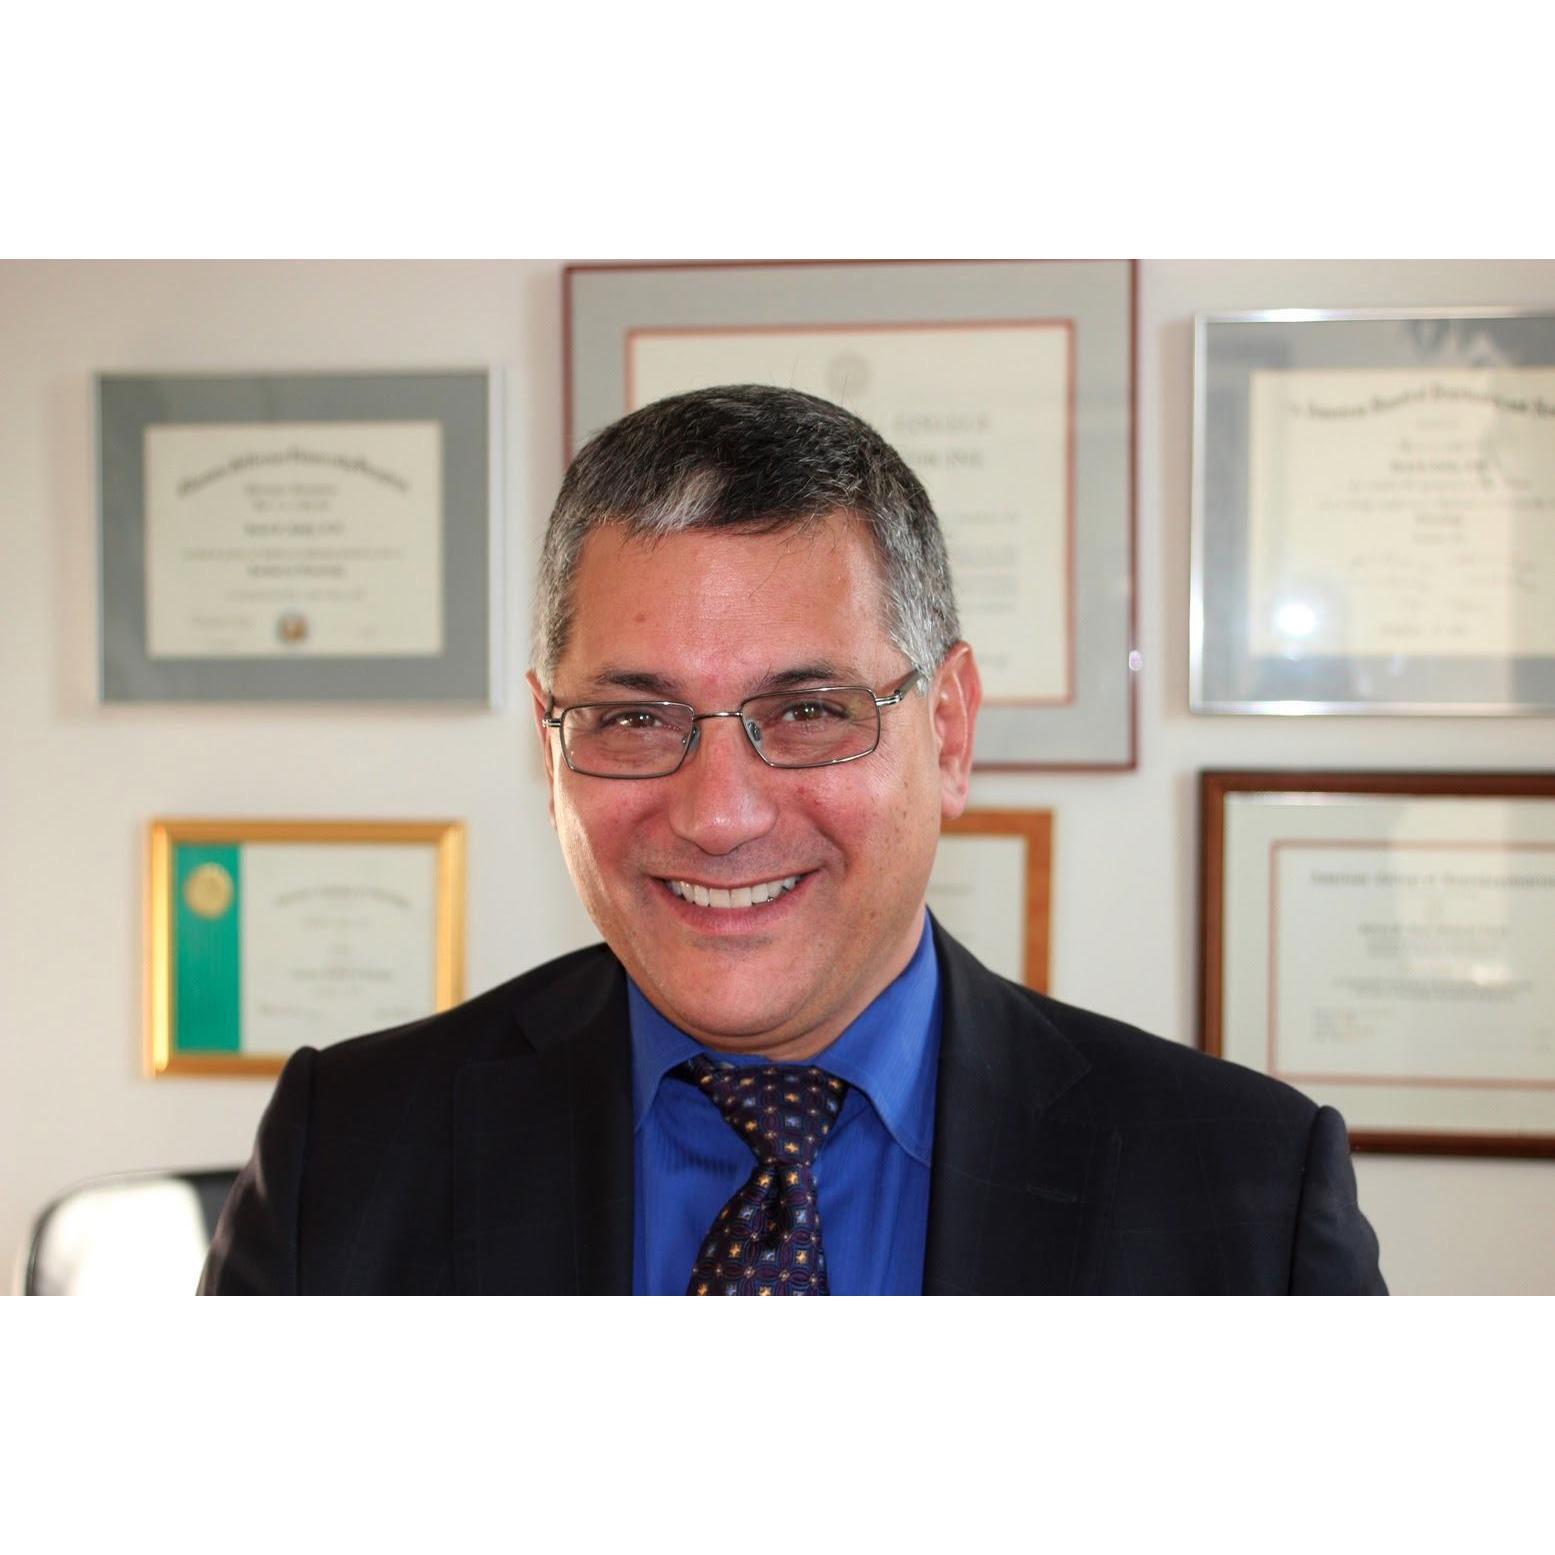 Optimum Neurology - David Tabby, D.O.